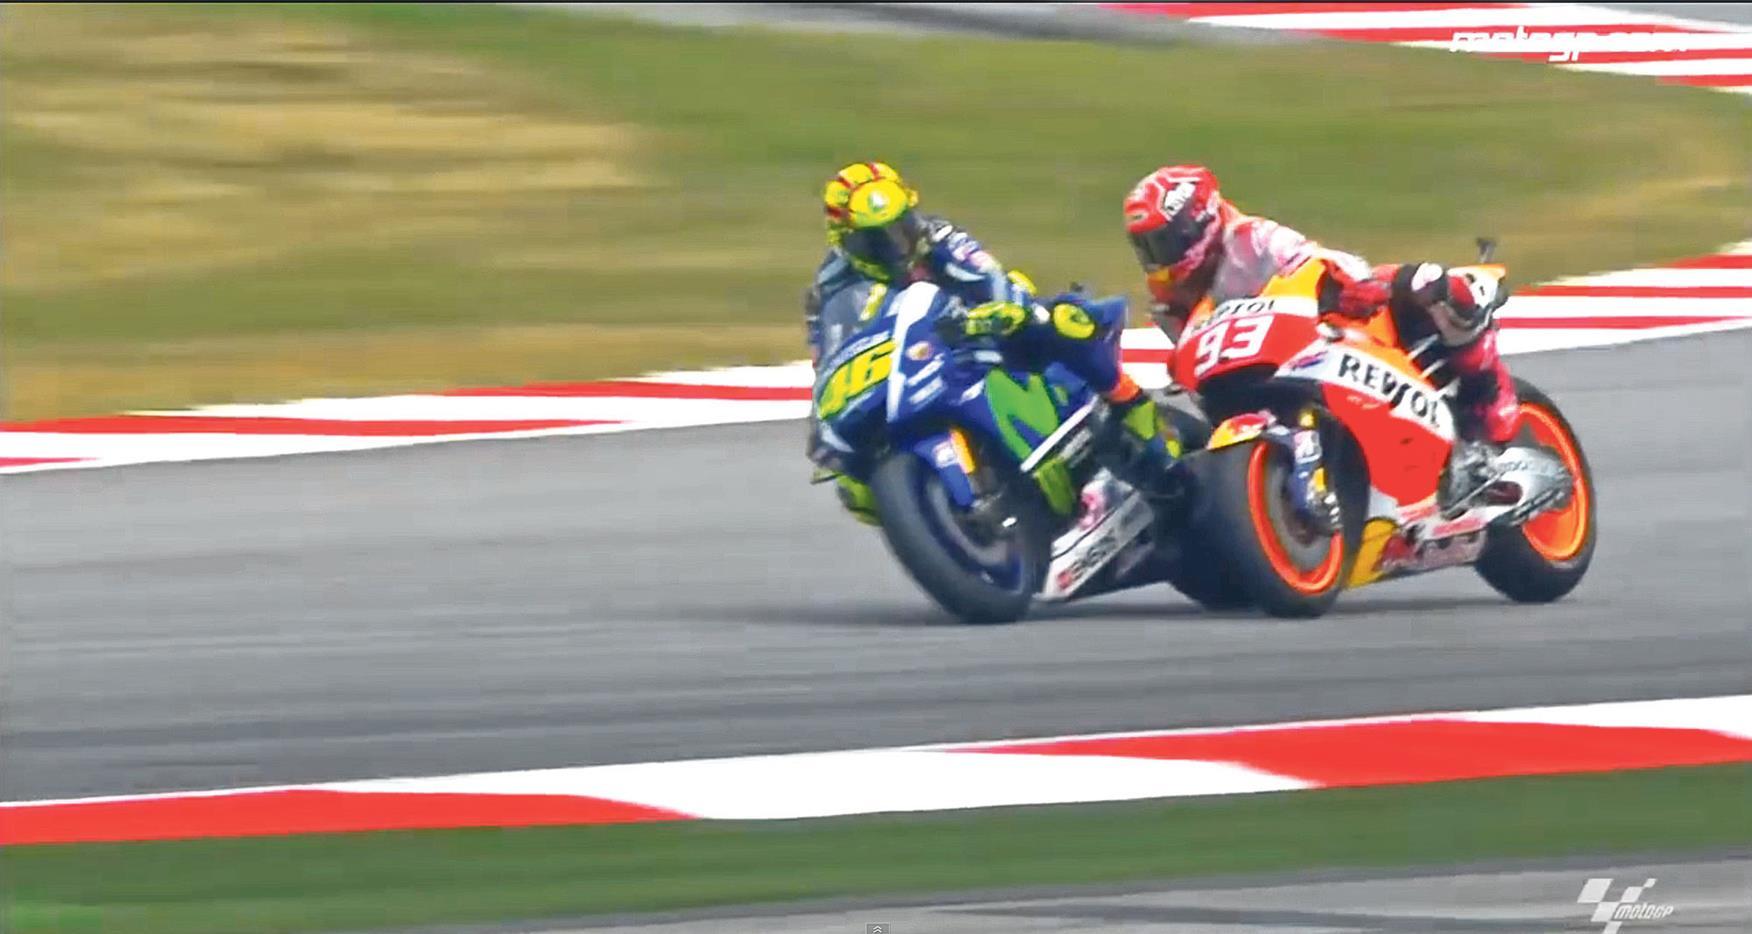 Rossi and Marquez Clash